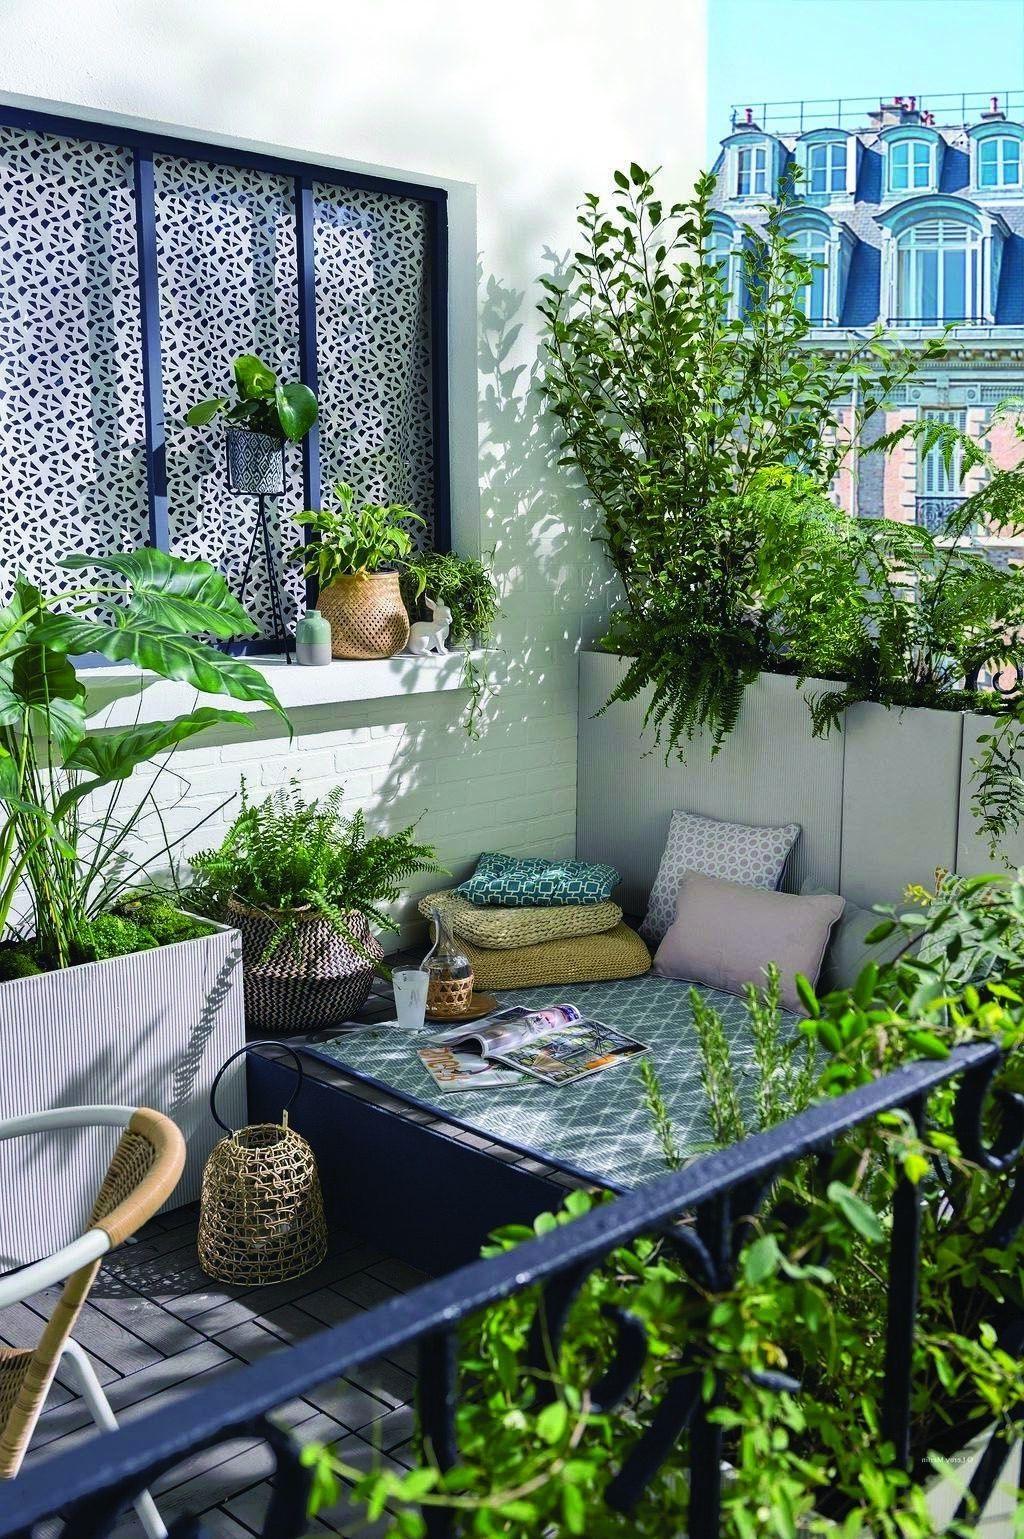 Suivez la tendance biophile en arrangeant vos plants de manière créative.